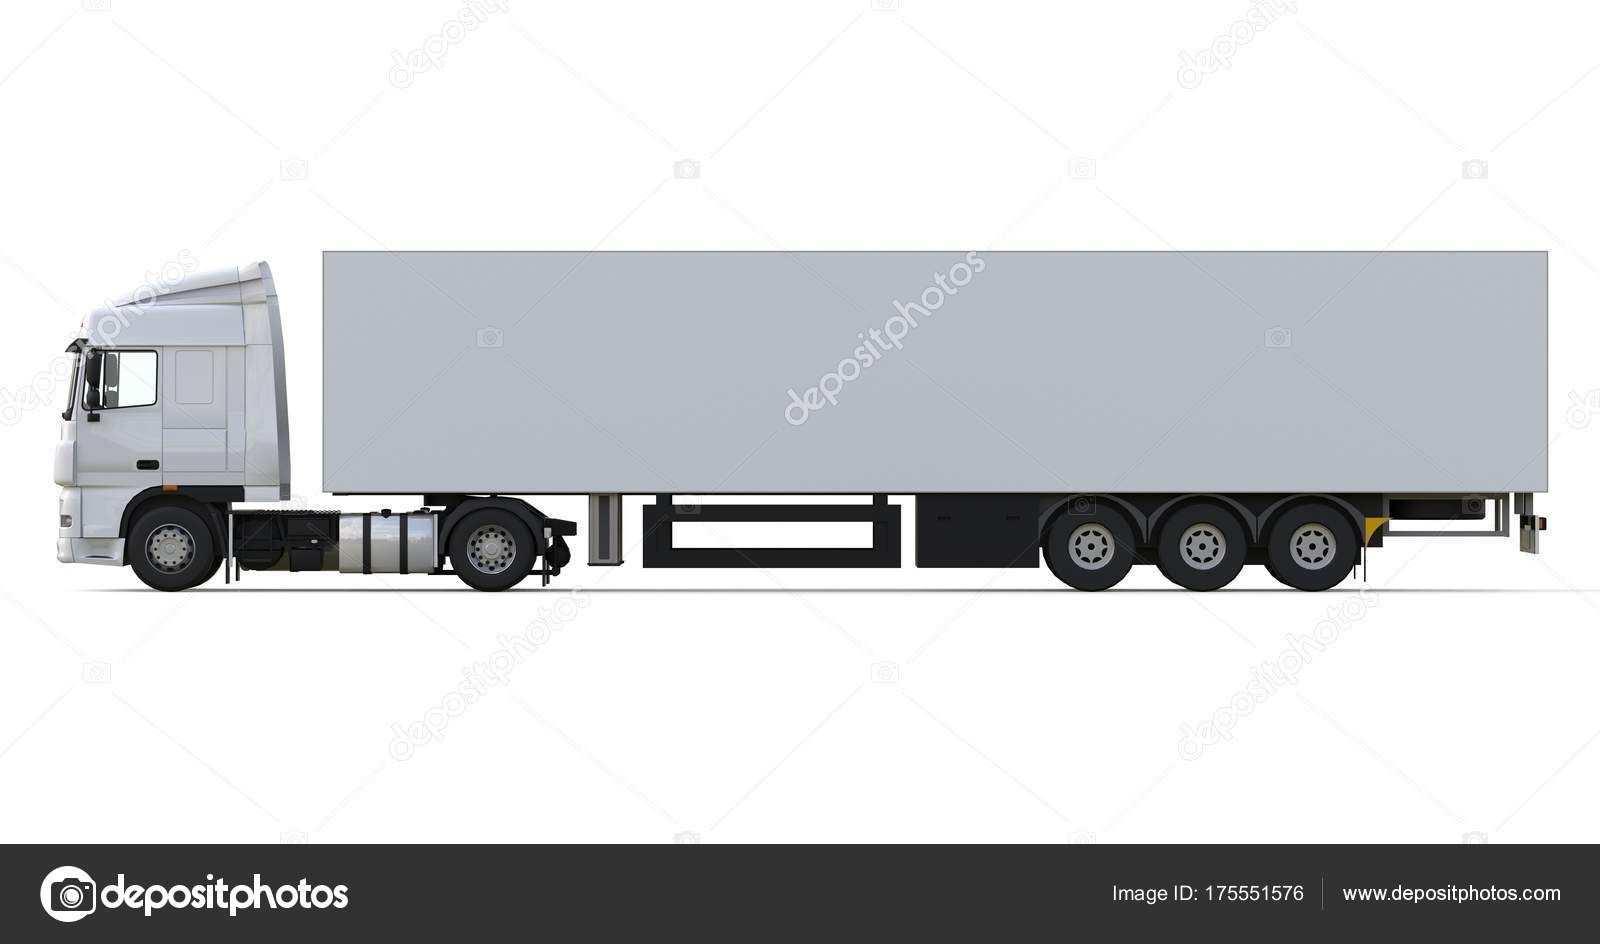 Herunterladen Grosse Weisse Lkw Mit Auflieger Vorlage Fur Das Platzieren Von Grafiken 3d Rendering Stockbild Lkw Lkw Auflieger Lkw Transport